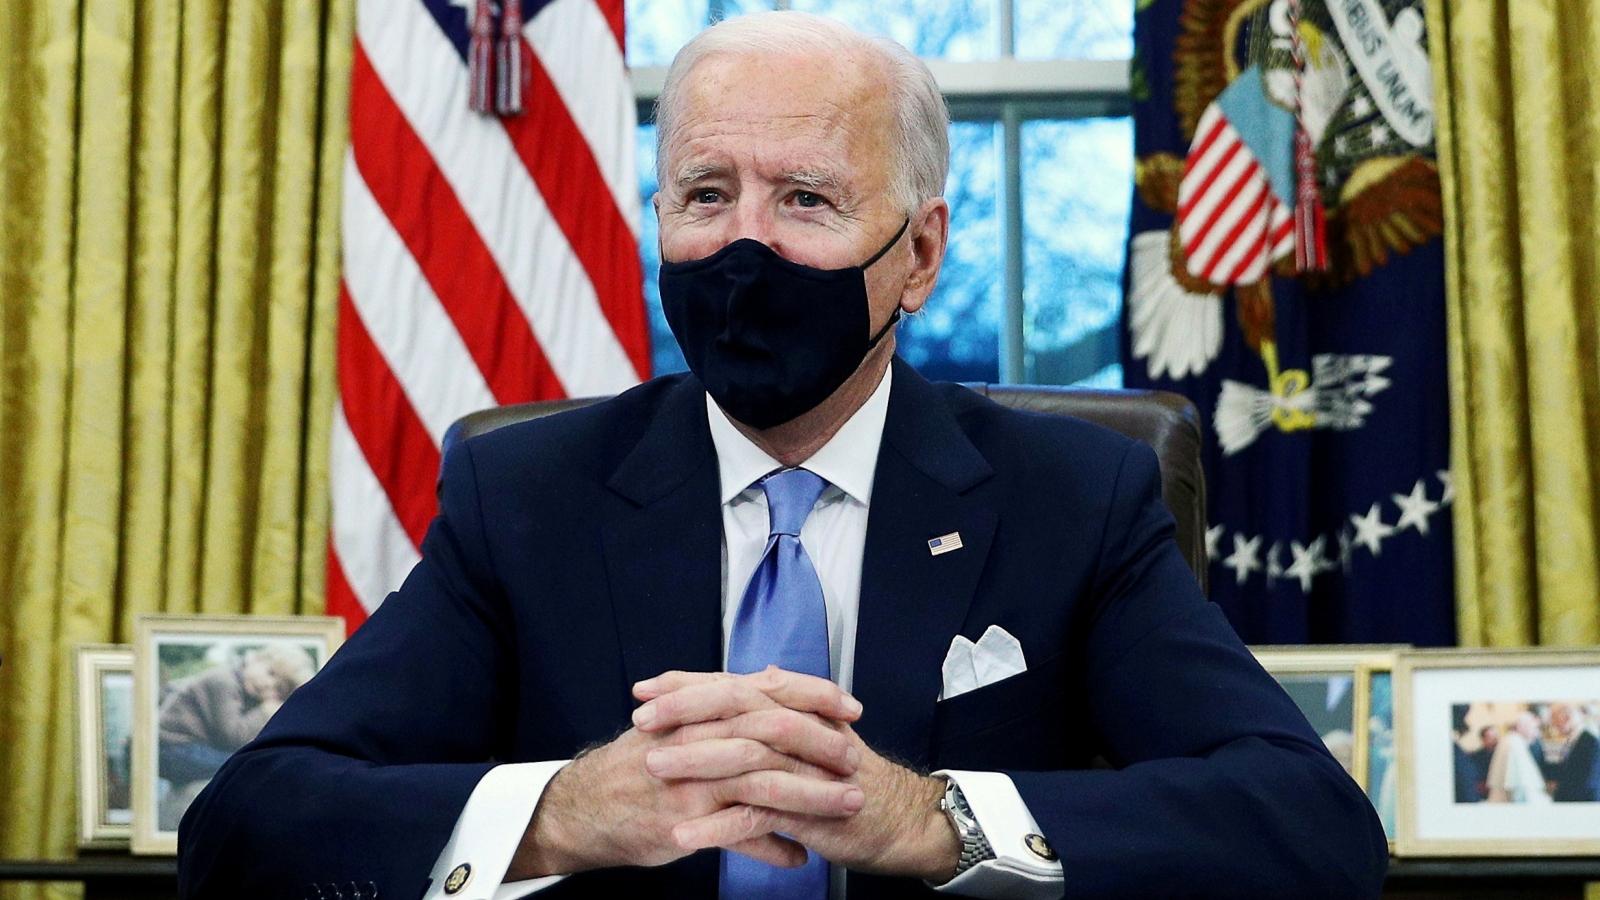 Dự luật chống thù ghét người gốc Á đã được chuyển tới Tổng thống Mỹ Biden